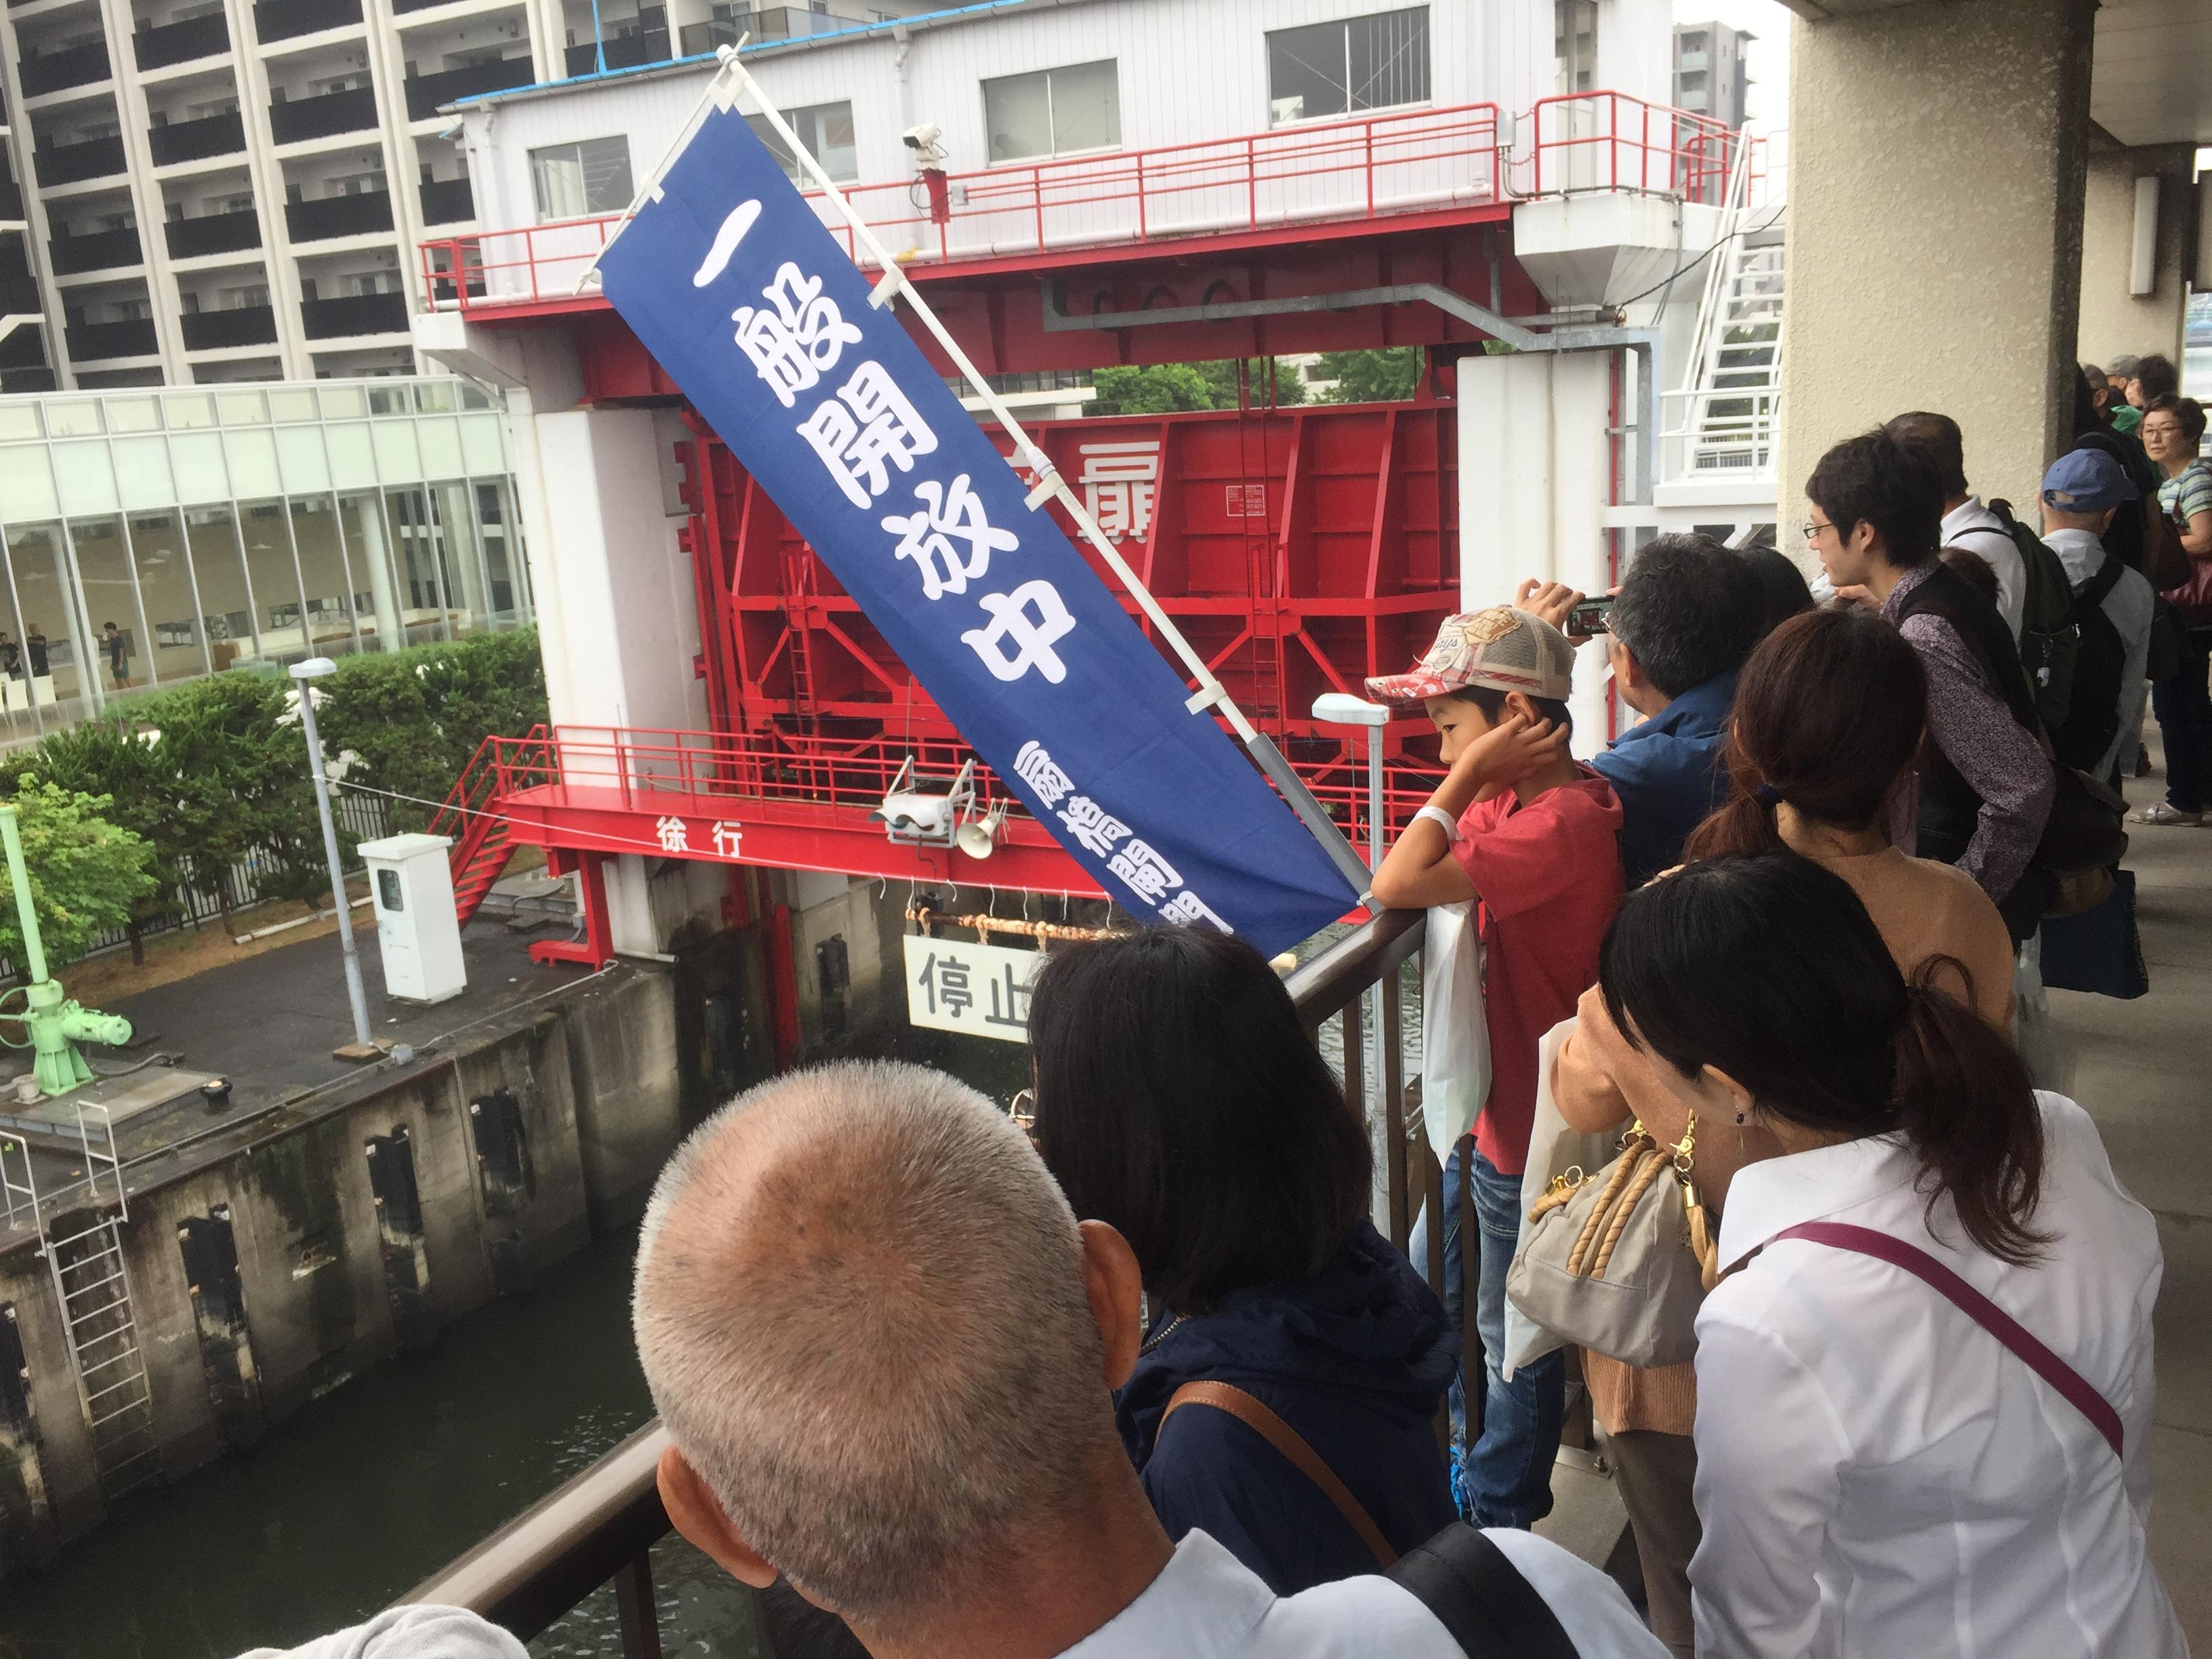 【活動報告】 扇橋閘門見学クルーズを開催しました!